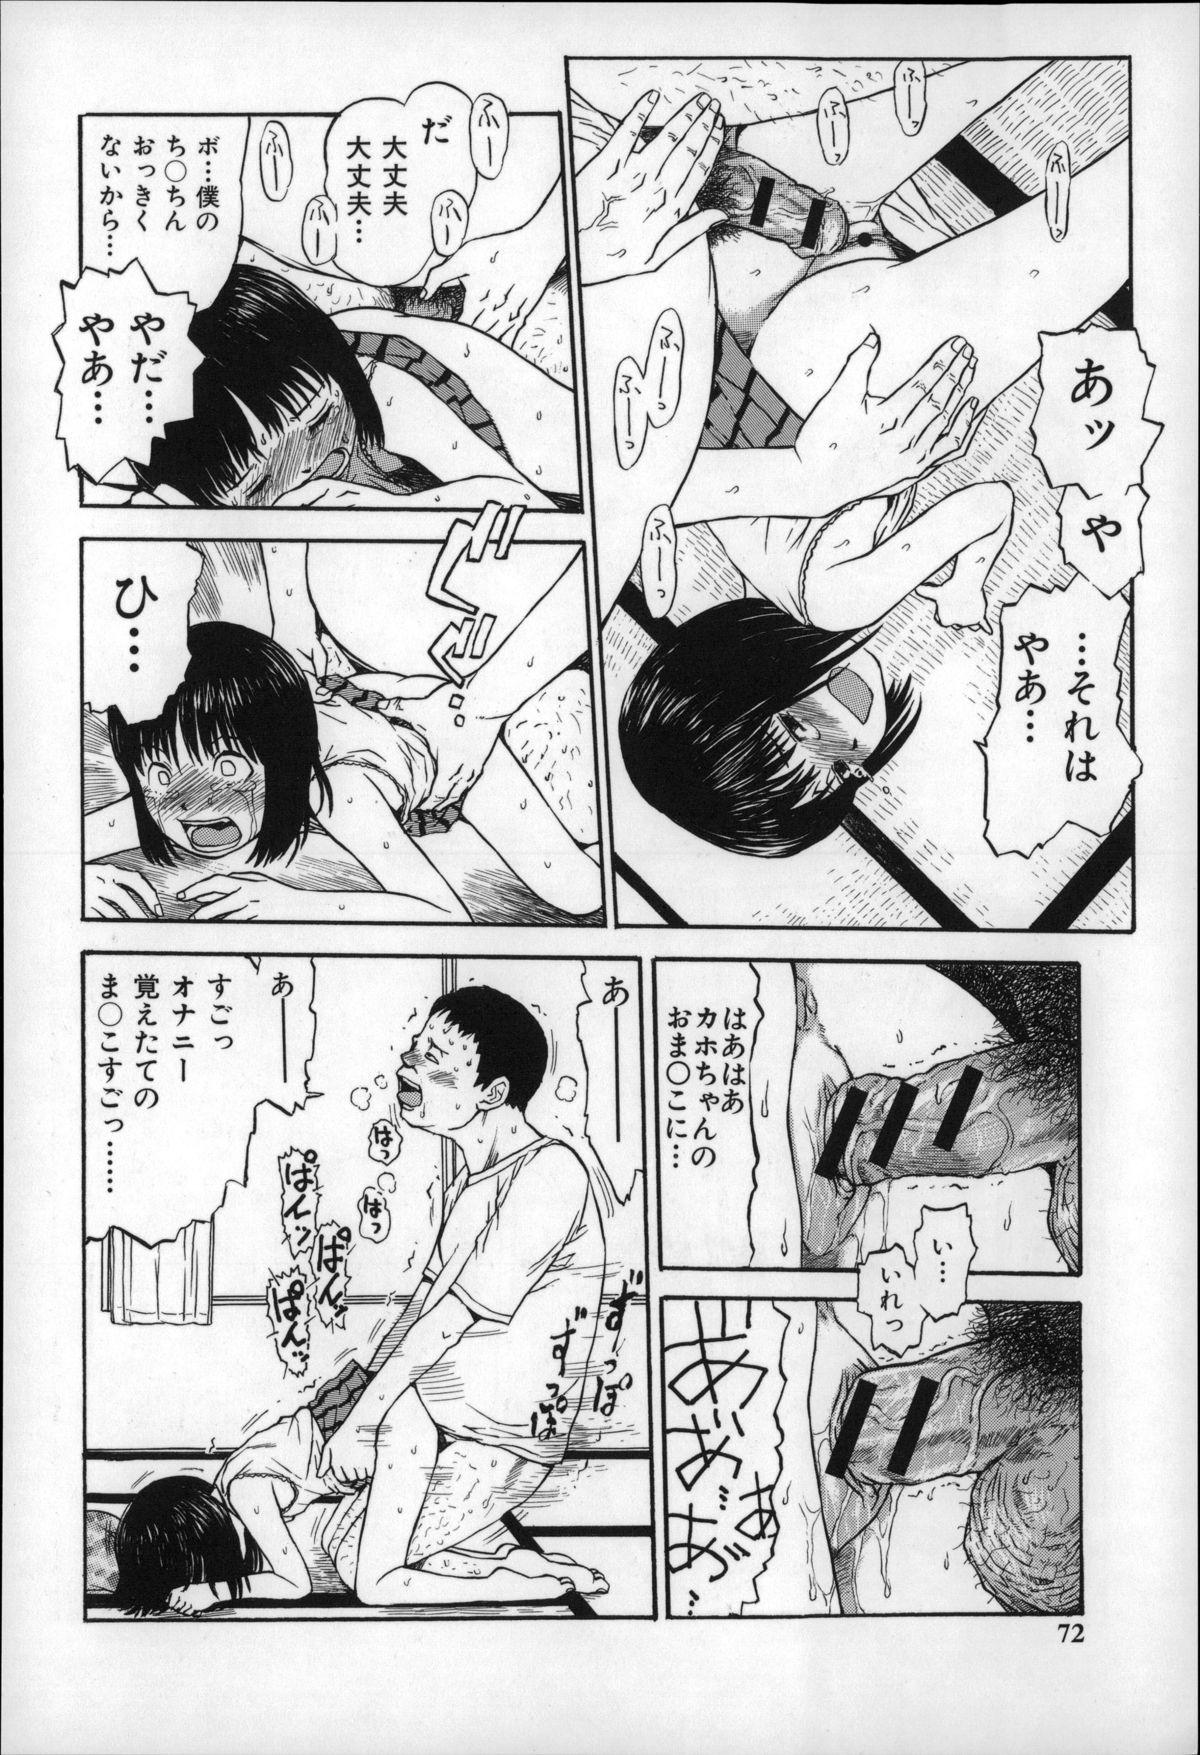 Otona wa Minaide! 70